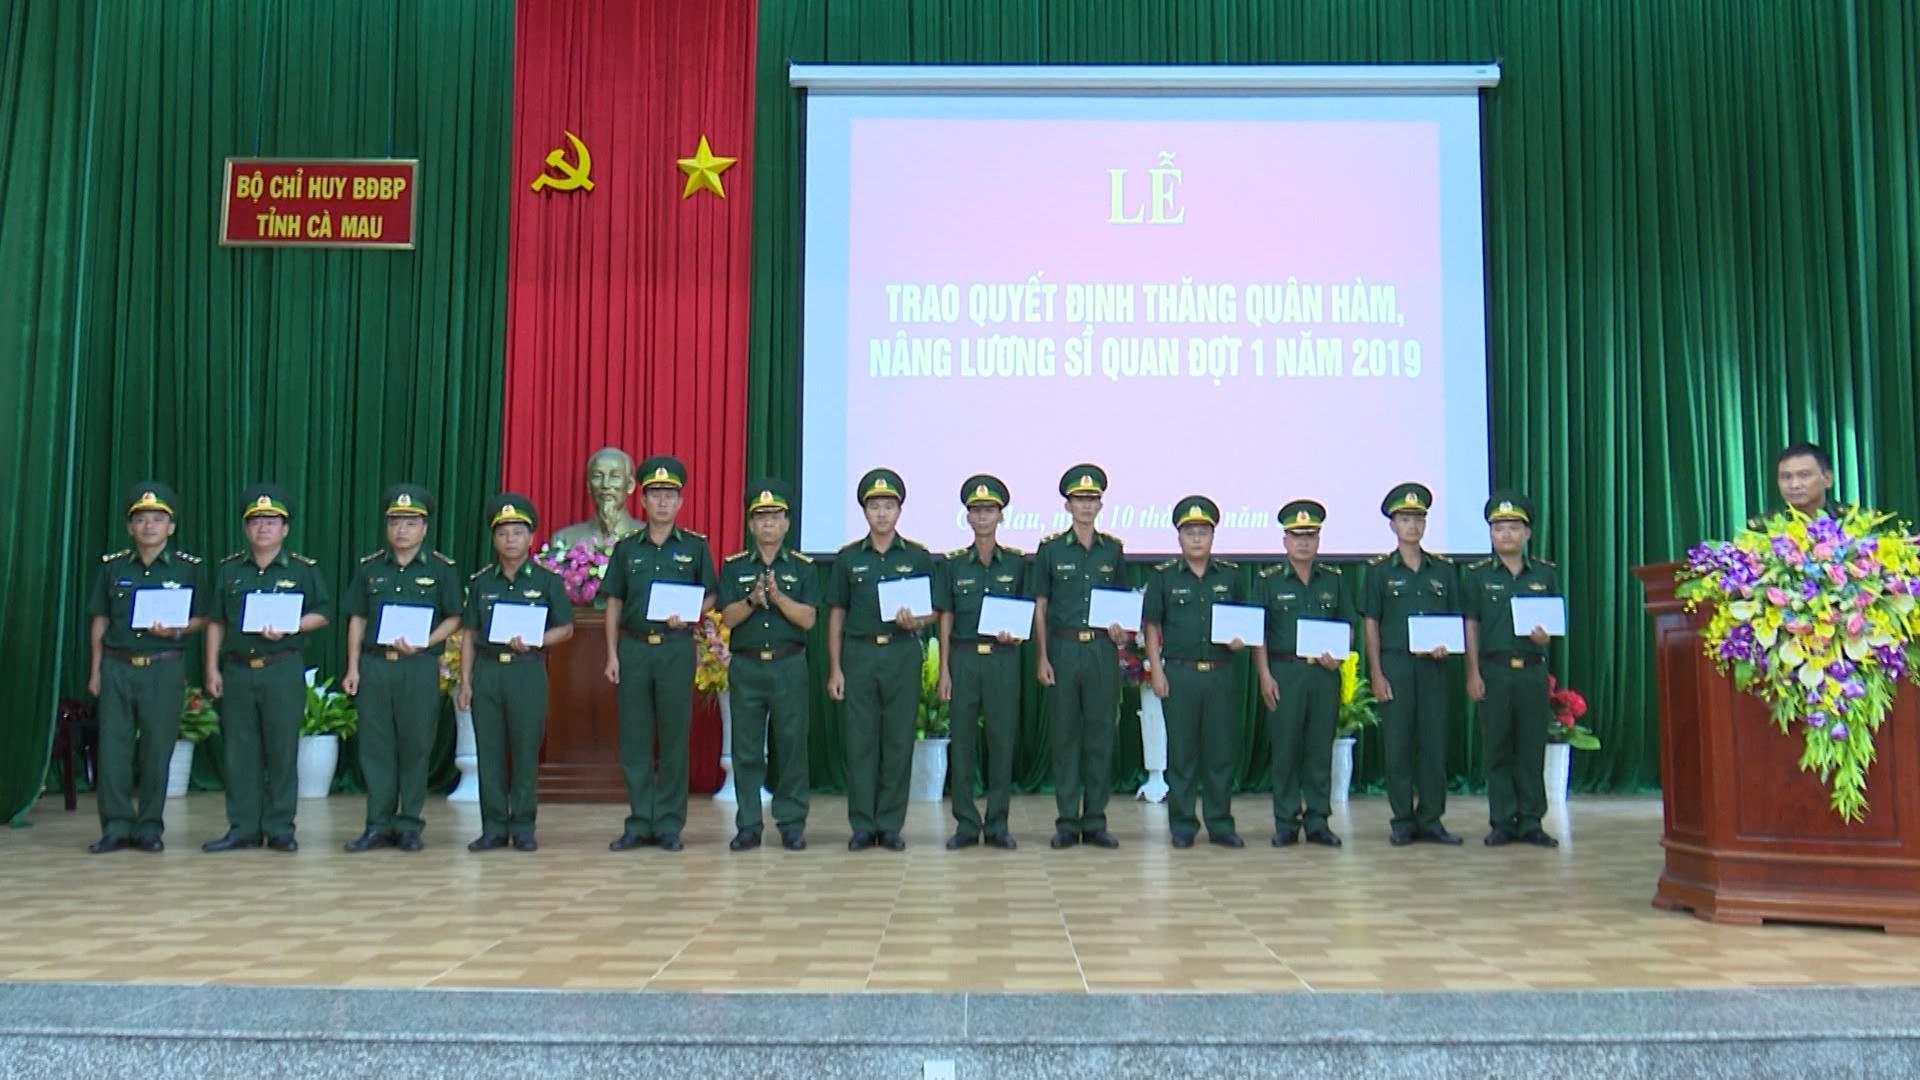 Bộ đội Biên phòng Cà Mau trao quyết định thăng quân hàm